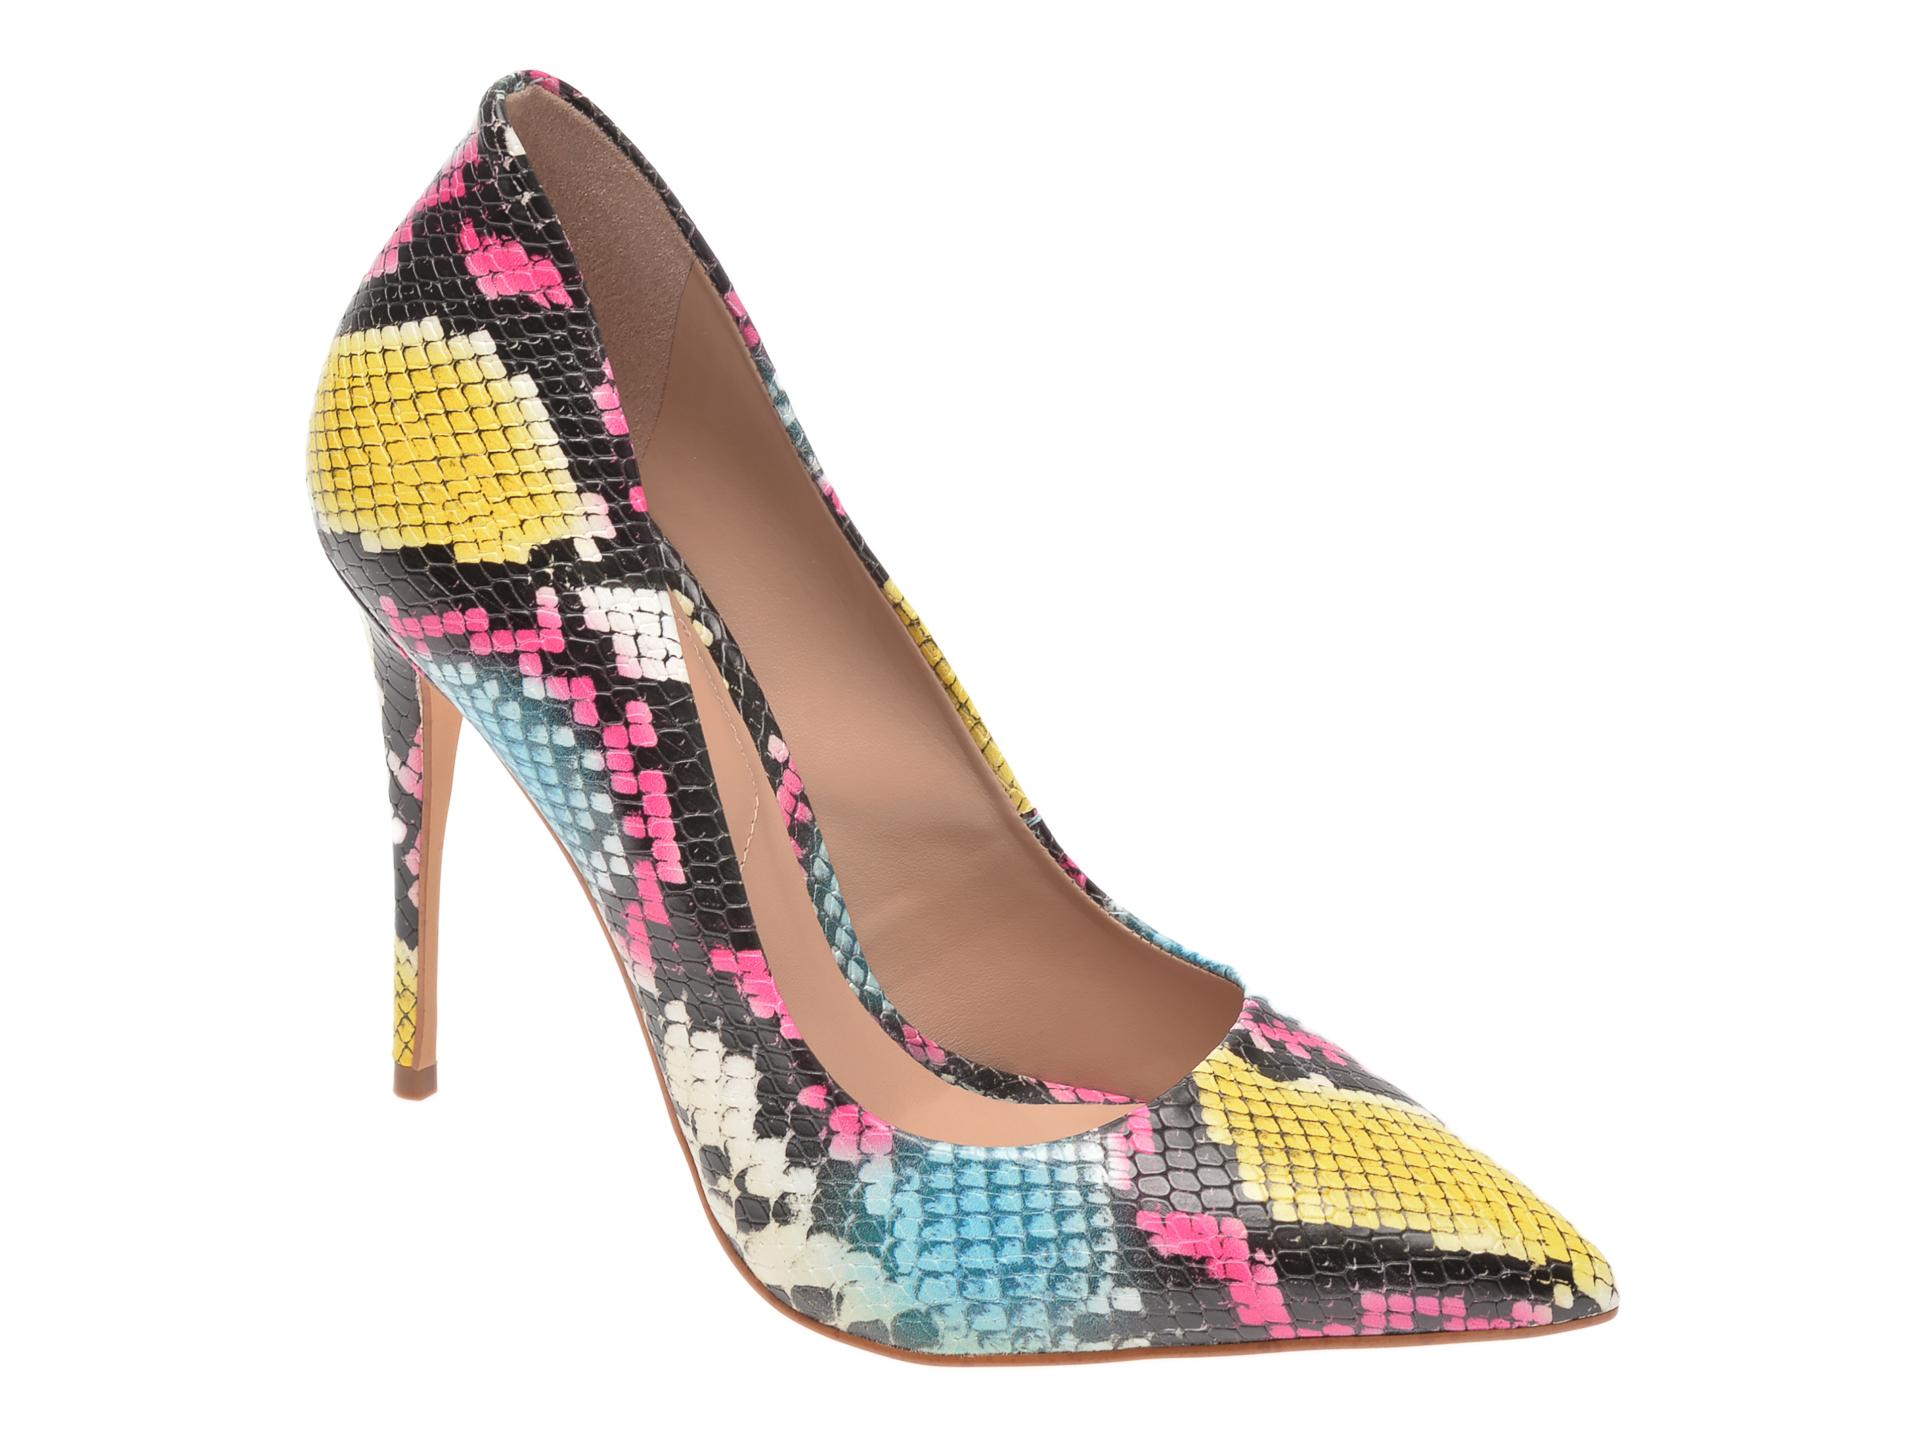 Pantofi ALDO multicolori, Cassedy961, din piele ecologica imagine otter.ro 2021